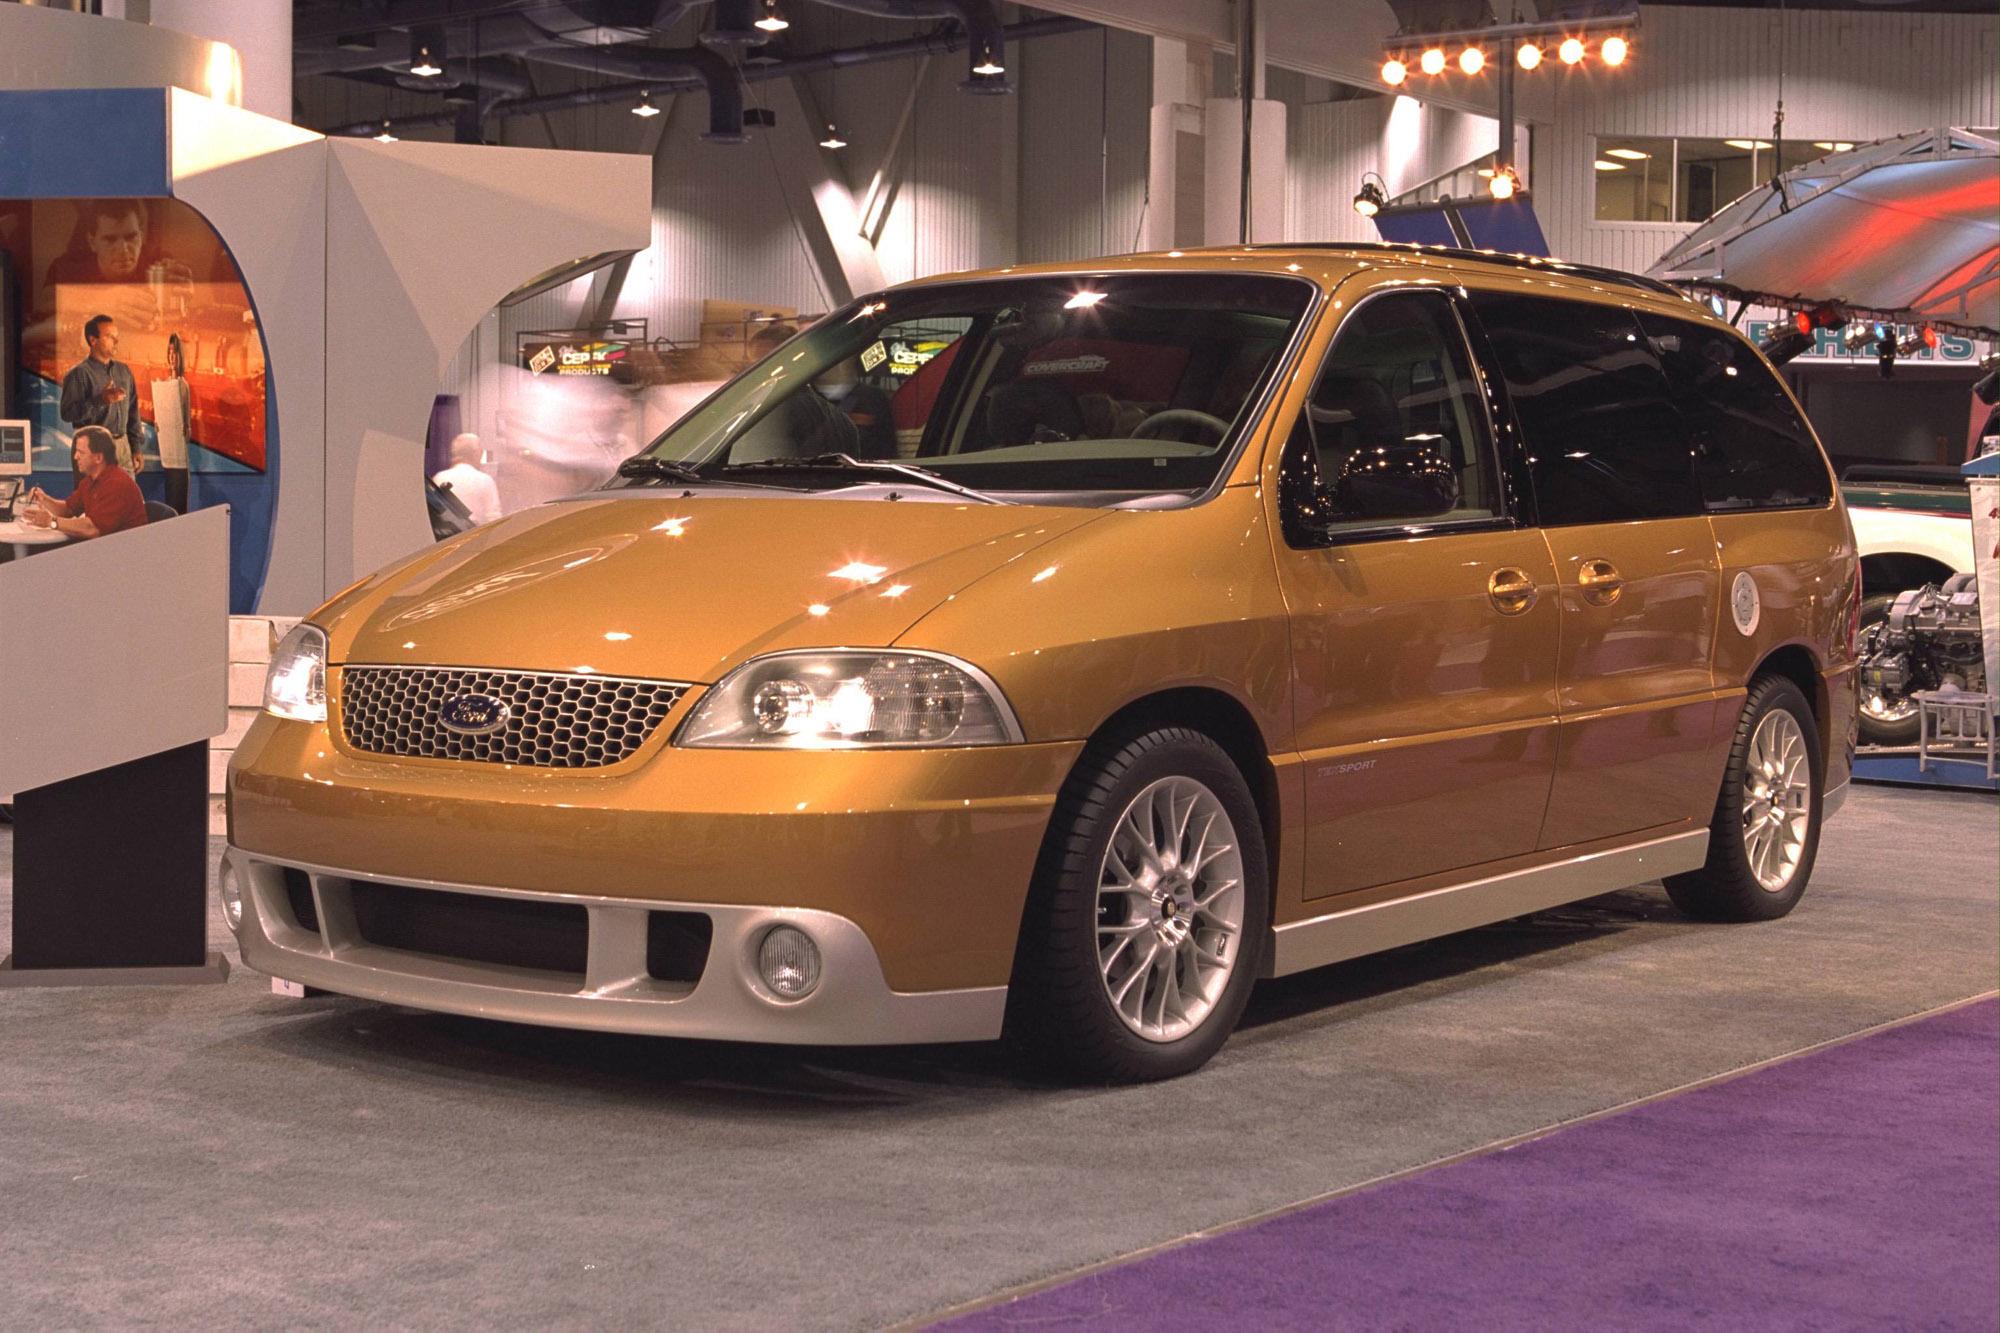 Ford Windstar 2005 foto - 2